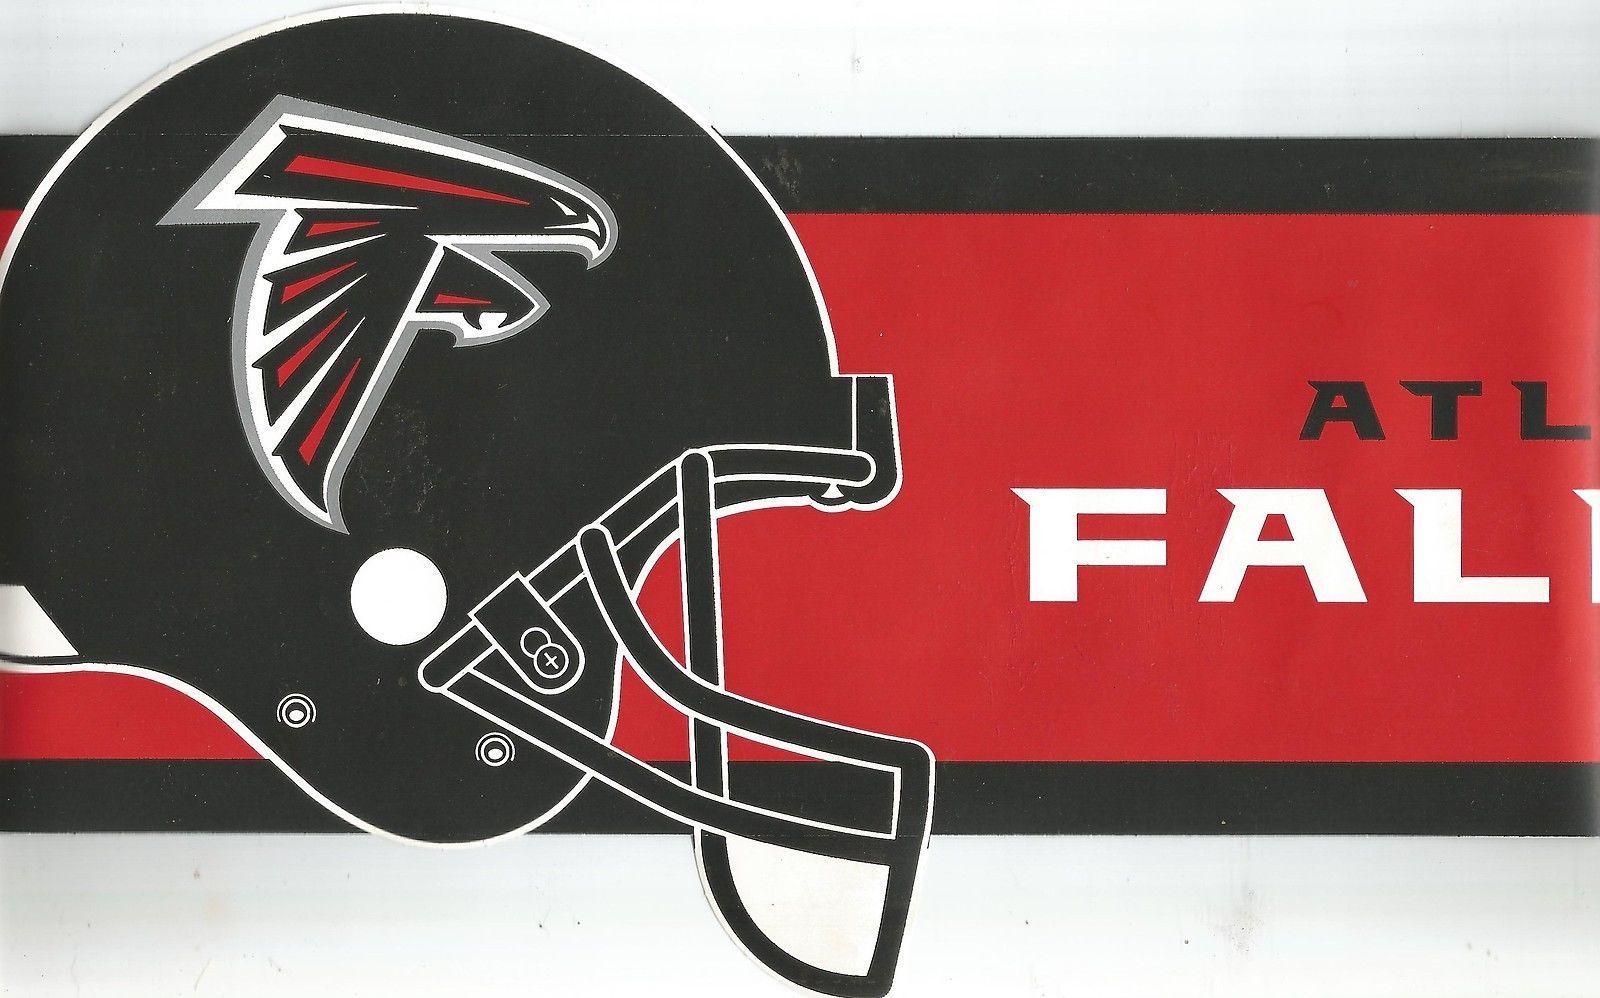 Atlanta Falcons Iphone Wallpaper Wallpapersafari Atlanta: Atlanta Falcons Wallpaper Border